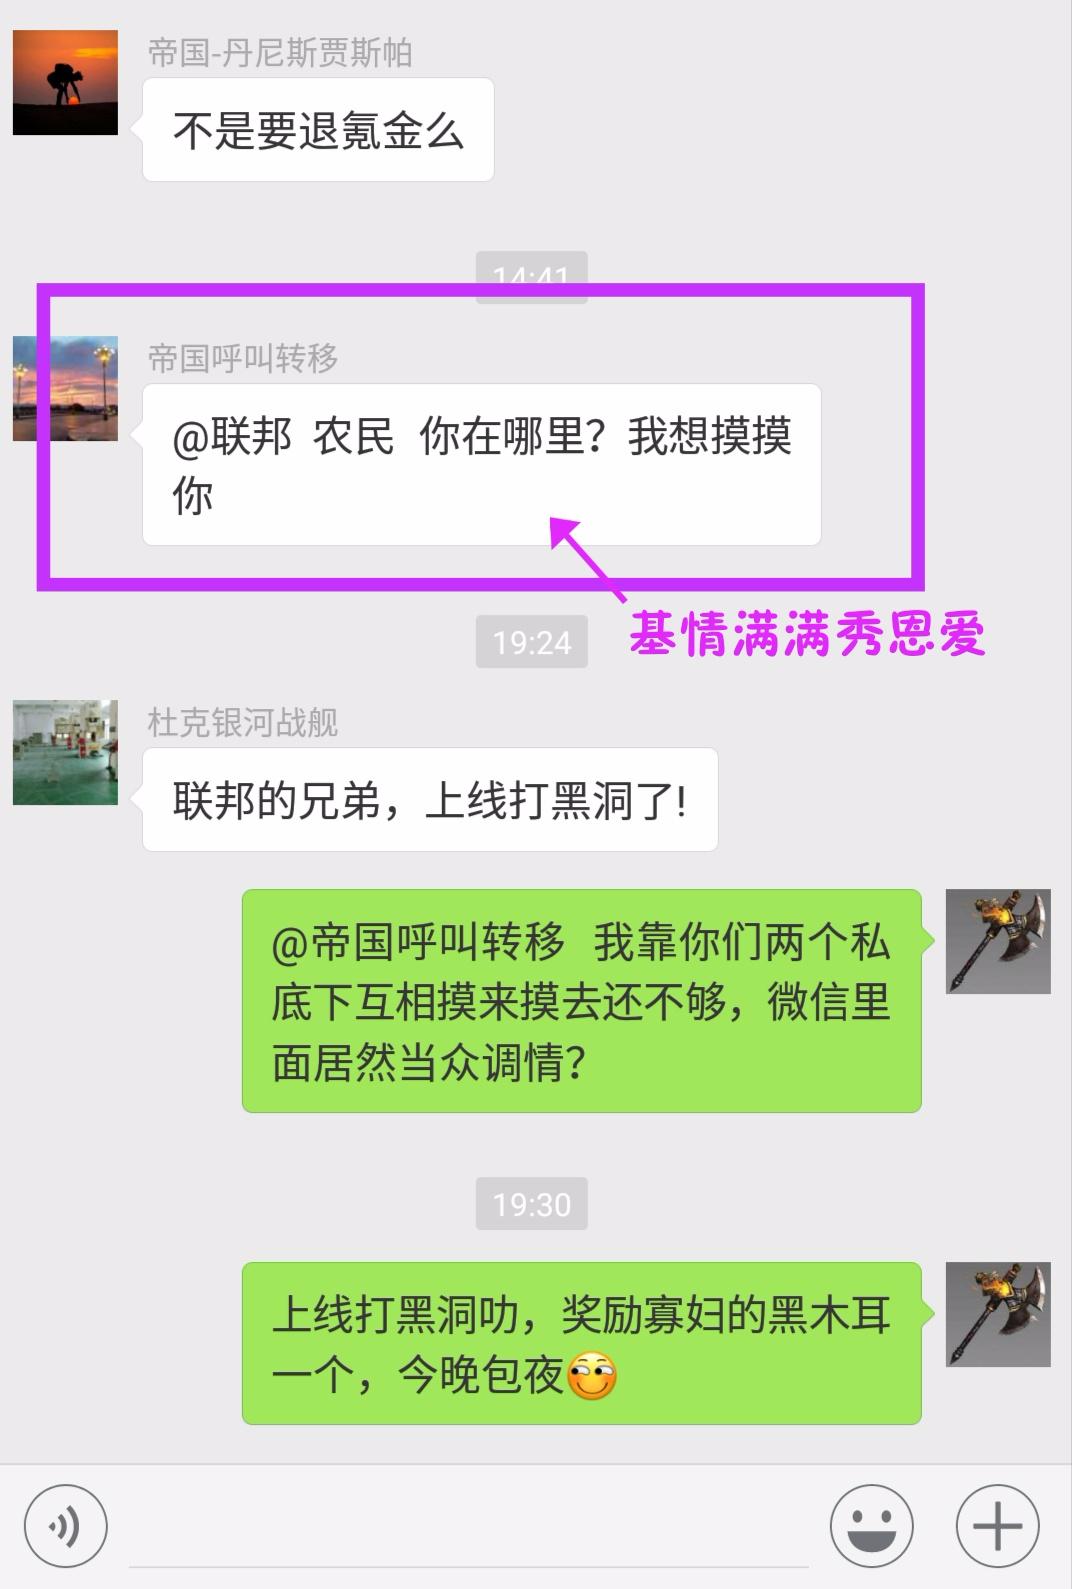 Screenshot_2018-11-13-23-52-51-619_com.tencent.mm.png